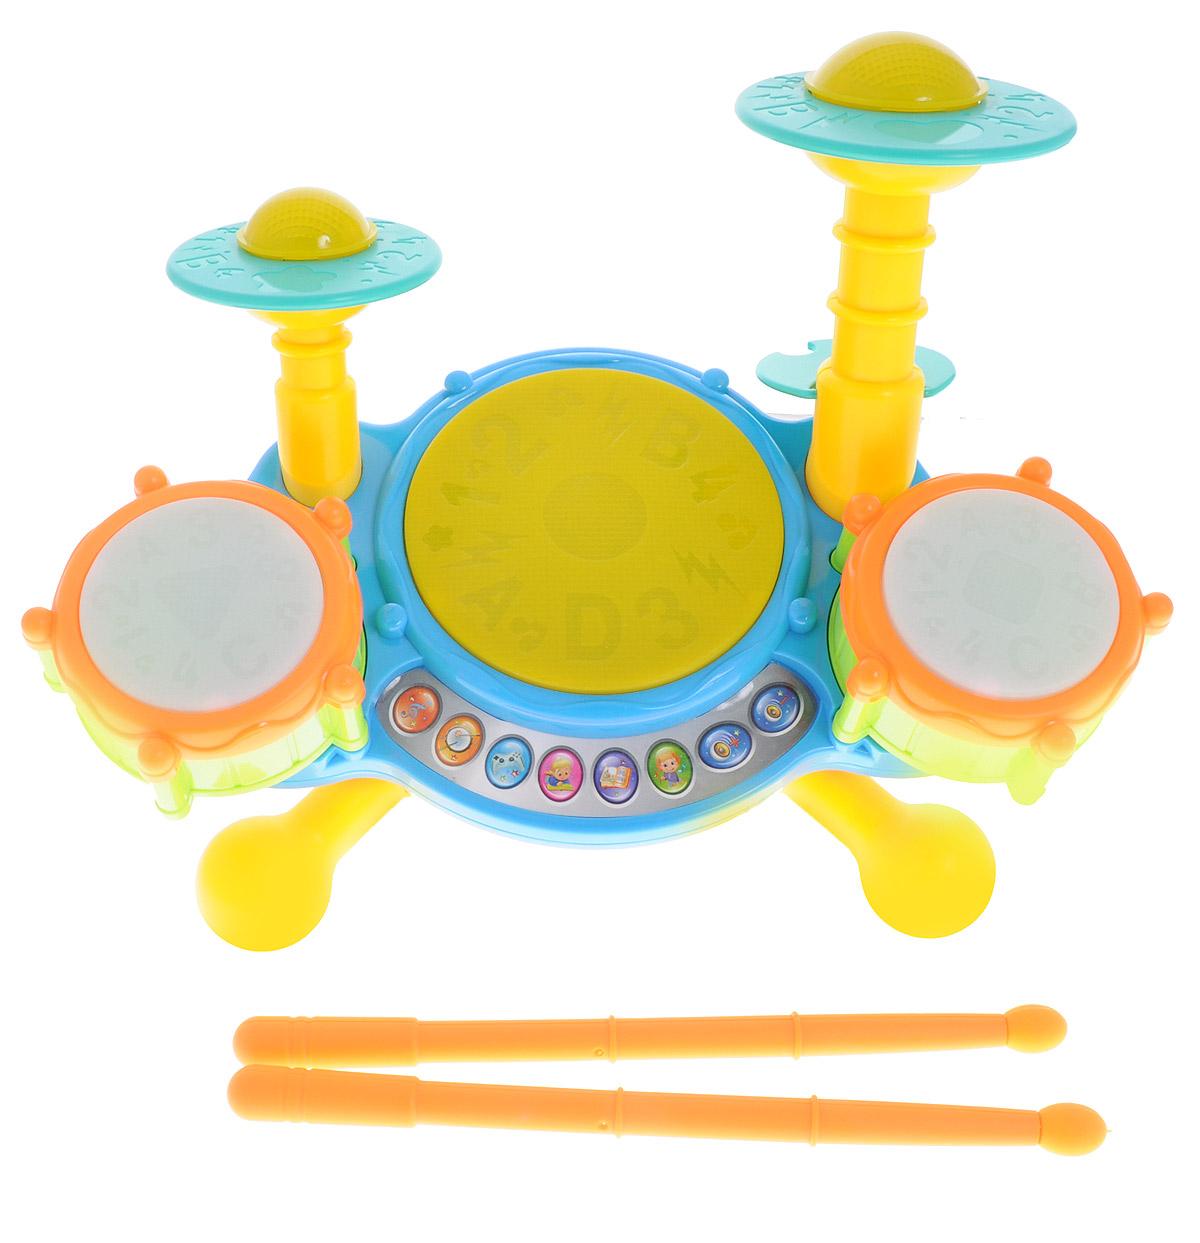 Zhorya Развивающая игрушка Веселый барабанХ75773Развивающая игрушка Zhorya Веселый барабан замечательная игрушка для маленьких музыкантов. Игрушка выполнена из прочных и безопасных для ребенка материалов. Барабан имеет 4 режима работы: забавные мелодии, игра на барабане под веселую музыку, игра на внимание и разучивание 5 стихов. В наборе имеются две палочки. Ребенок будет не только музицировать в свое удовольствие, но и получать новые полезные знания. Игрушка способствует развитию мелкой моторики, визуального восприятия, музыкального слуха. Необходимо купить 3 батарейки напряжением 1,5V типа АА (не входят в комплект). Порадуйте своего ребенка таким замечательным и полезным для него подарком!